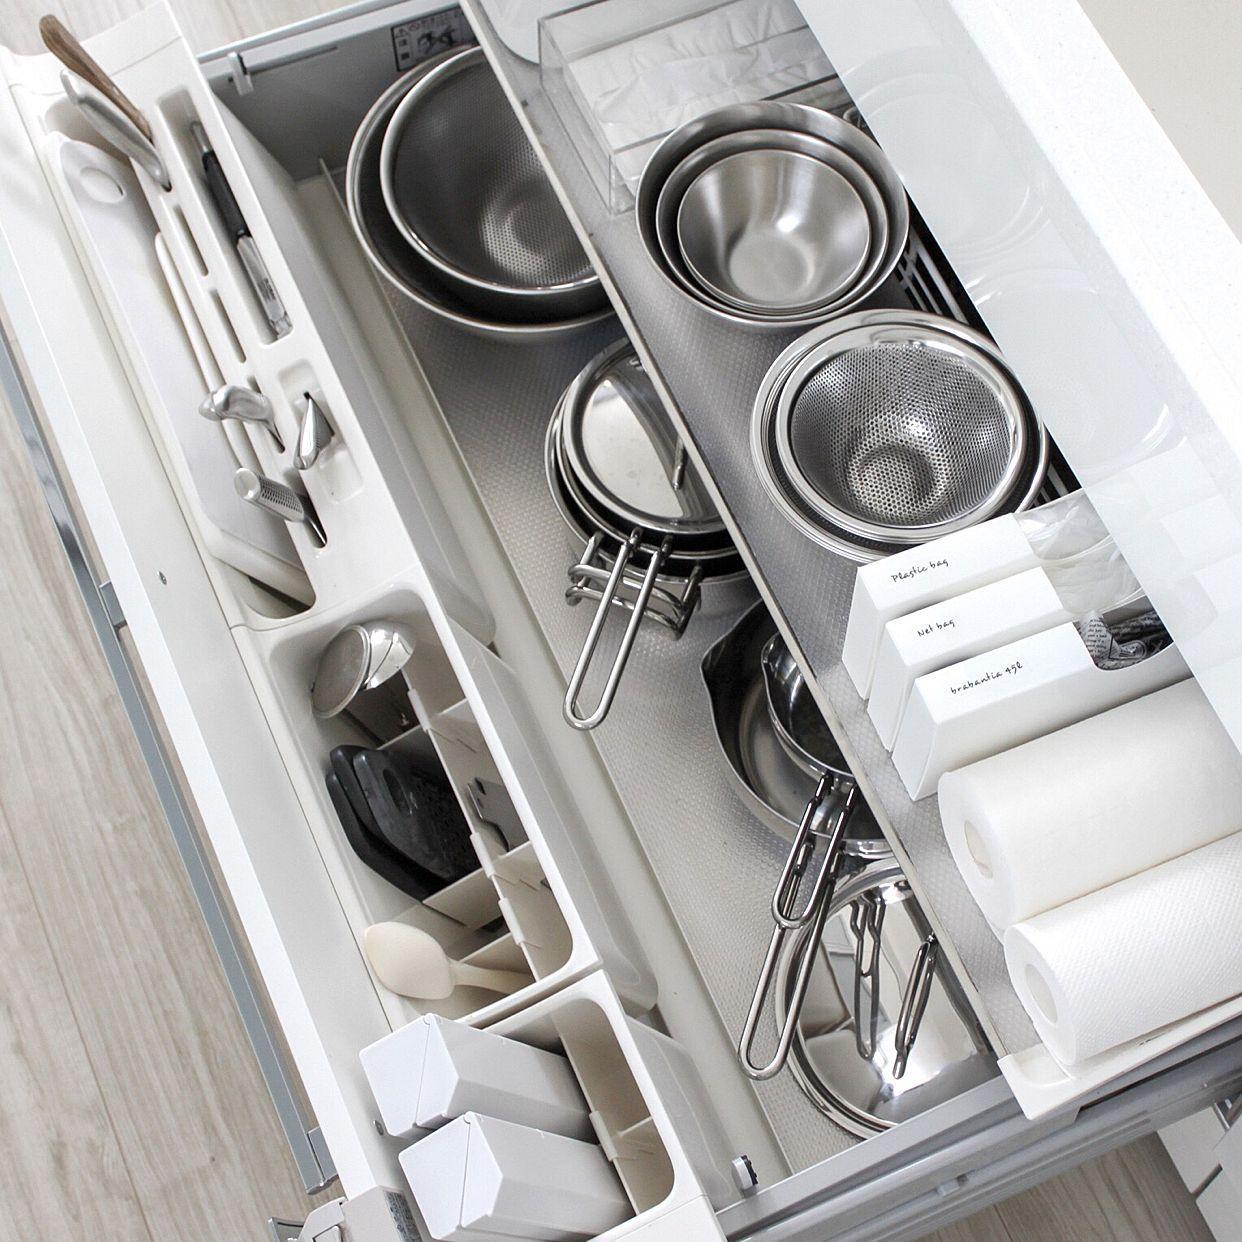 家事の効率もアップする キッチンの引き出し整理収納術 システムキッチン 収納 アイデア キッチン 整理 台所収納アイデア